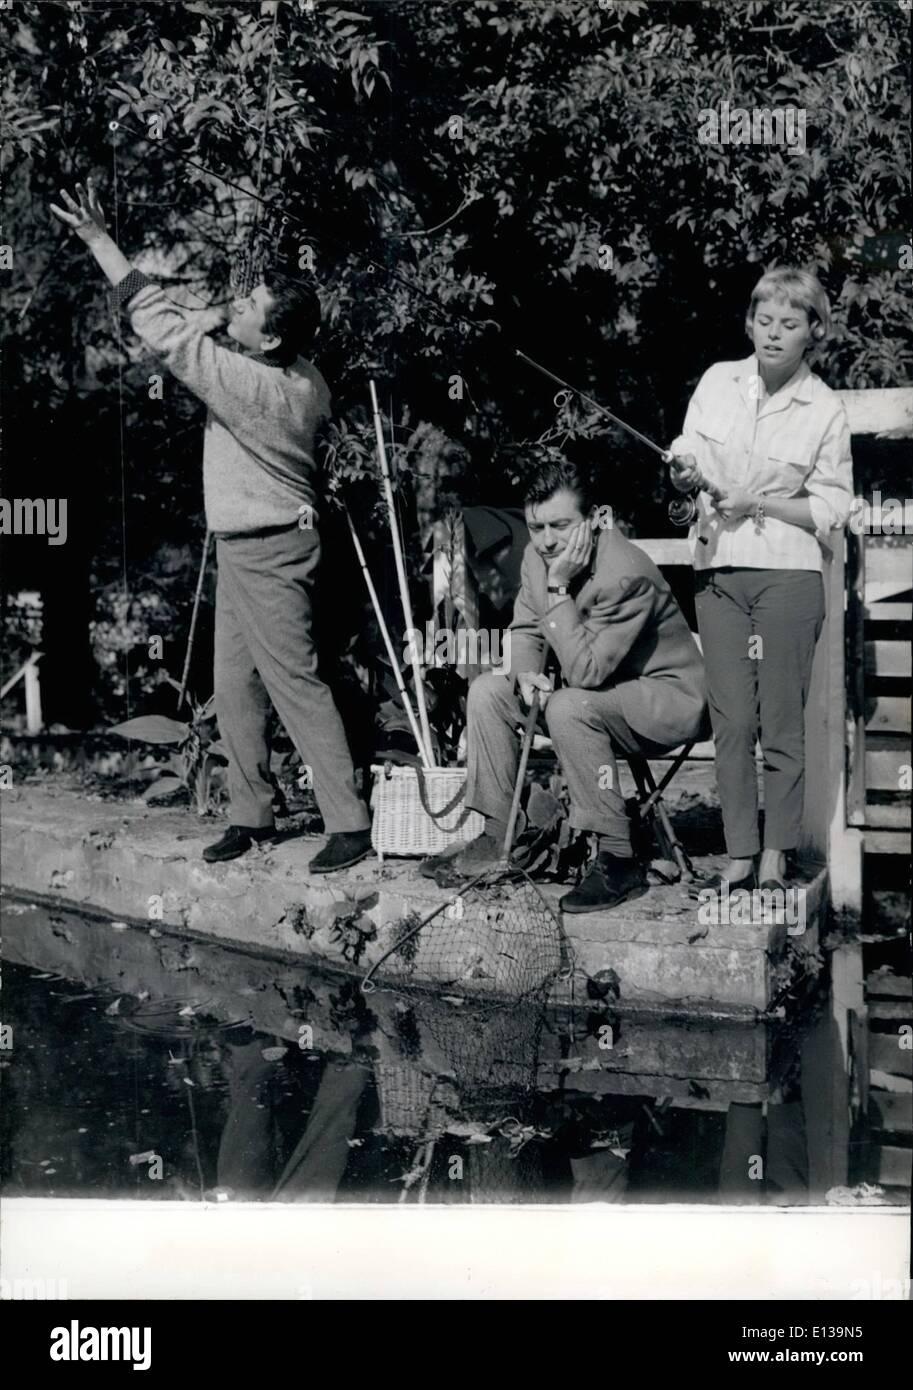 Febrero 29, 2012 - PANTALLA ESTRELLAS IR ANGULABLE DANIEL GELIN, FRANCOIS PERIER Y GENEVIEVE CLUNY (de izquierda a derecha) PESCA DEPORTIVA EN UNA ESCENA DE LA PELÍCULA ''Bonjour Monsieur MASURE'' AHORA EN LAS DECISIONES. La película está dirigida por Claude MAGNTER. Imagen De Stock